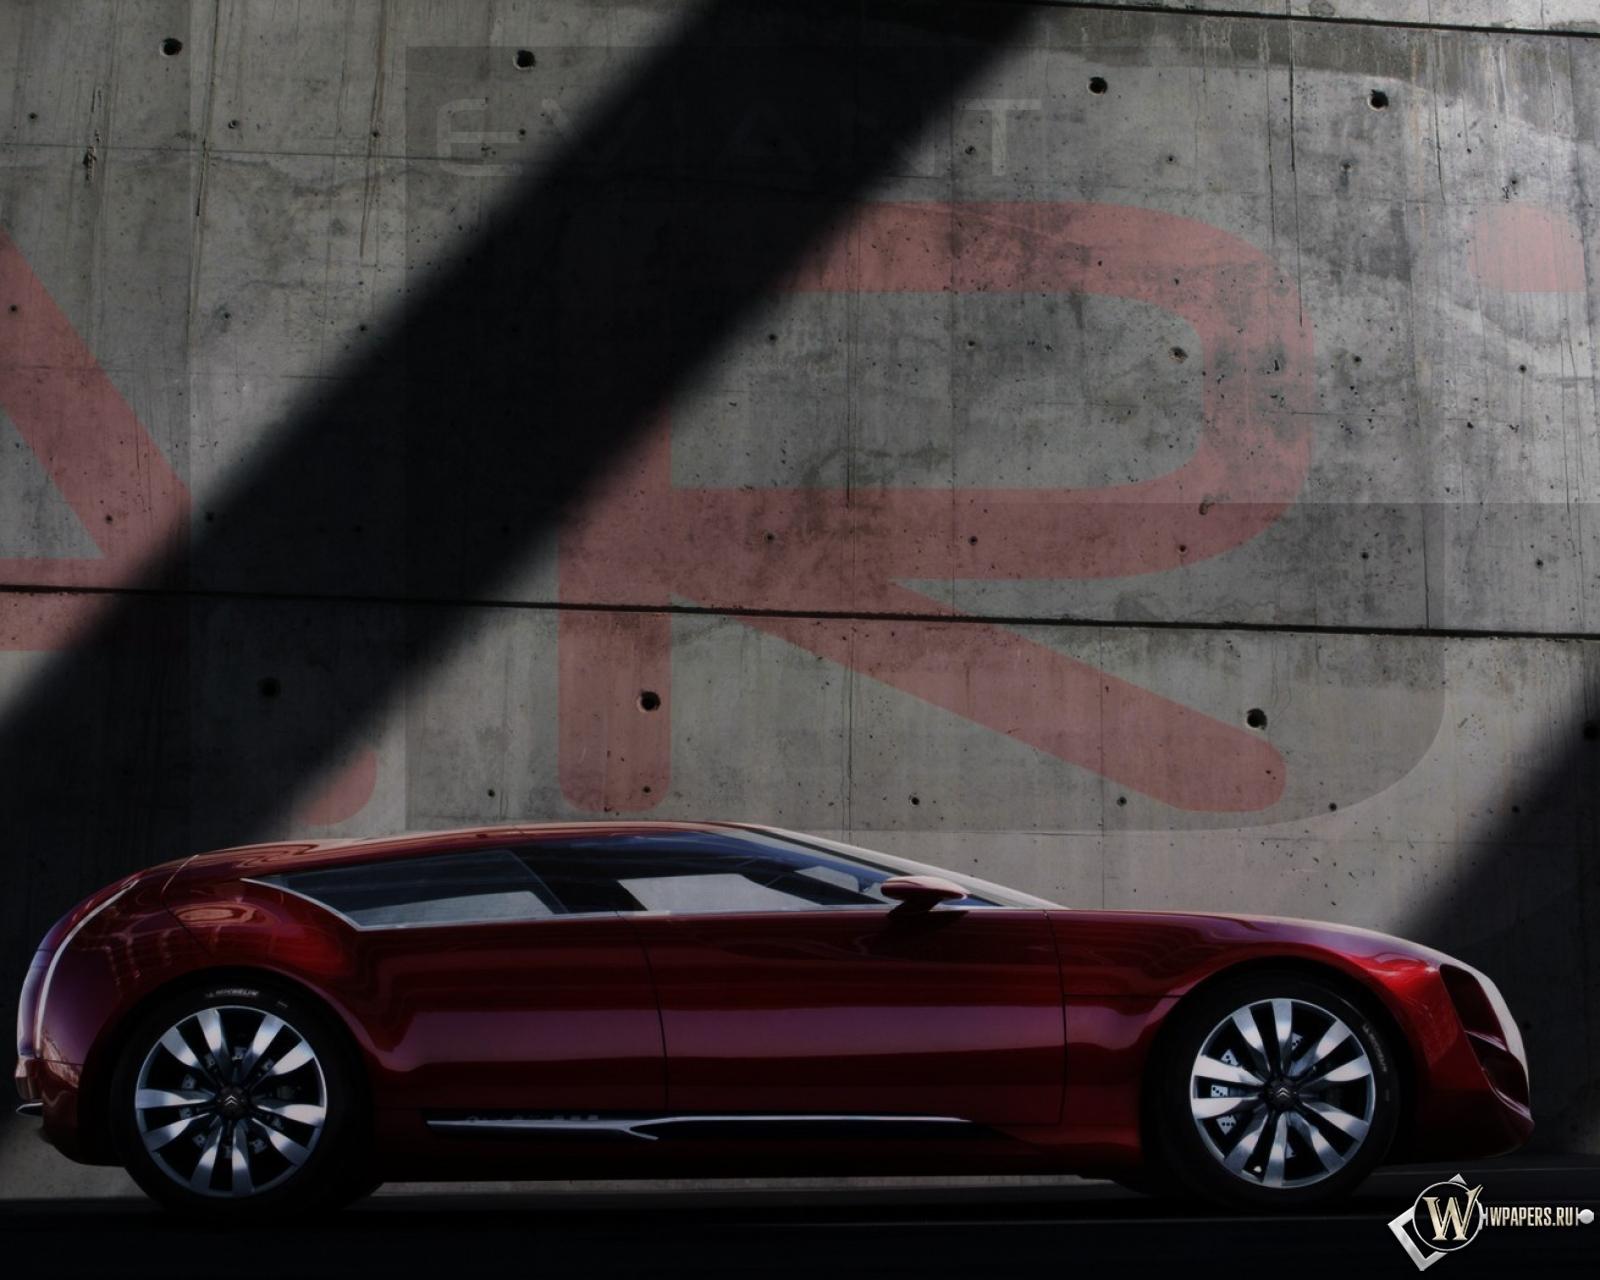 Бордовый авто у стены бесплатно